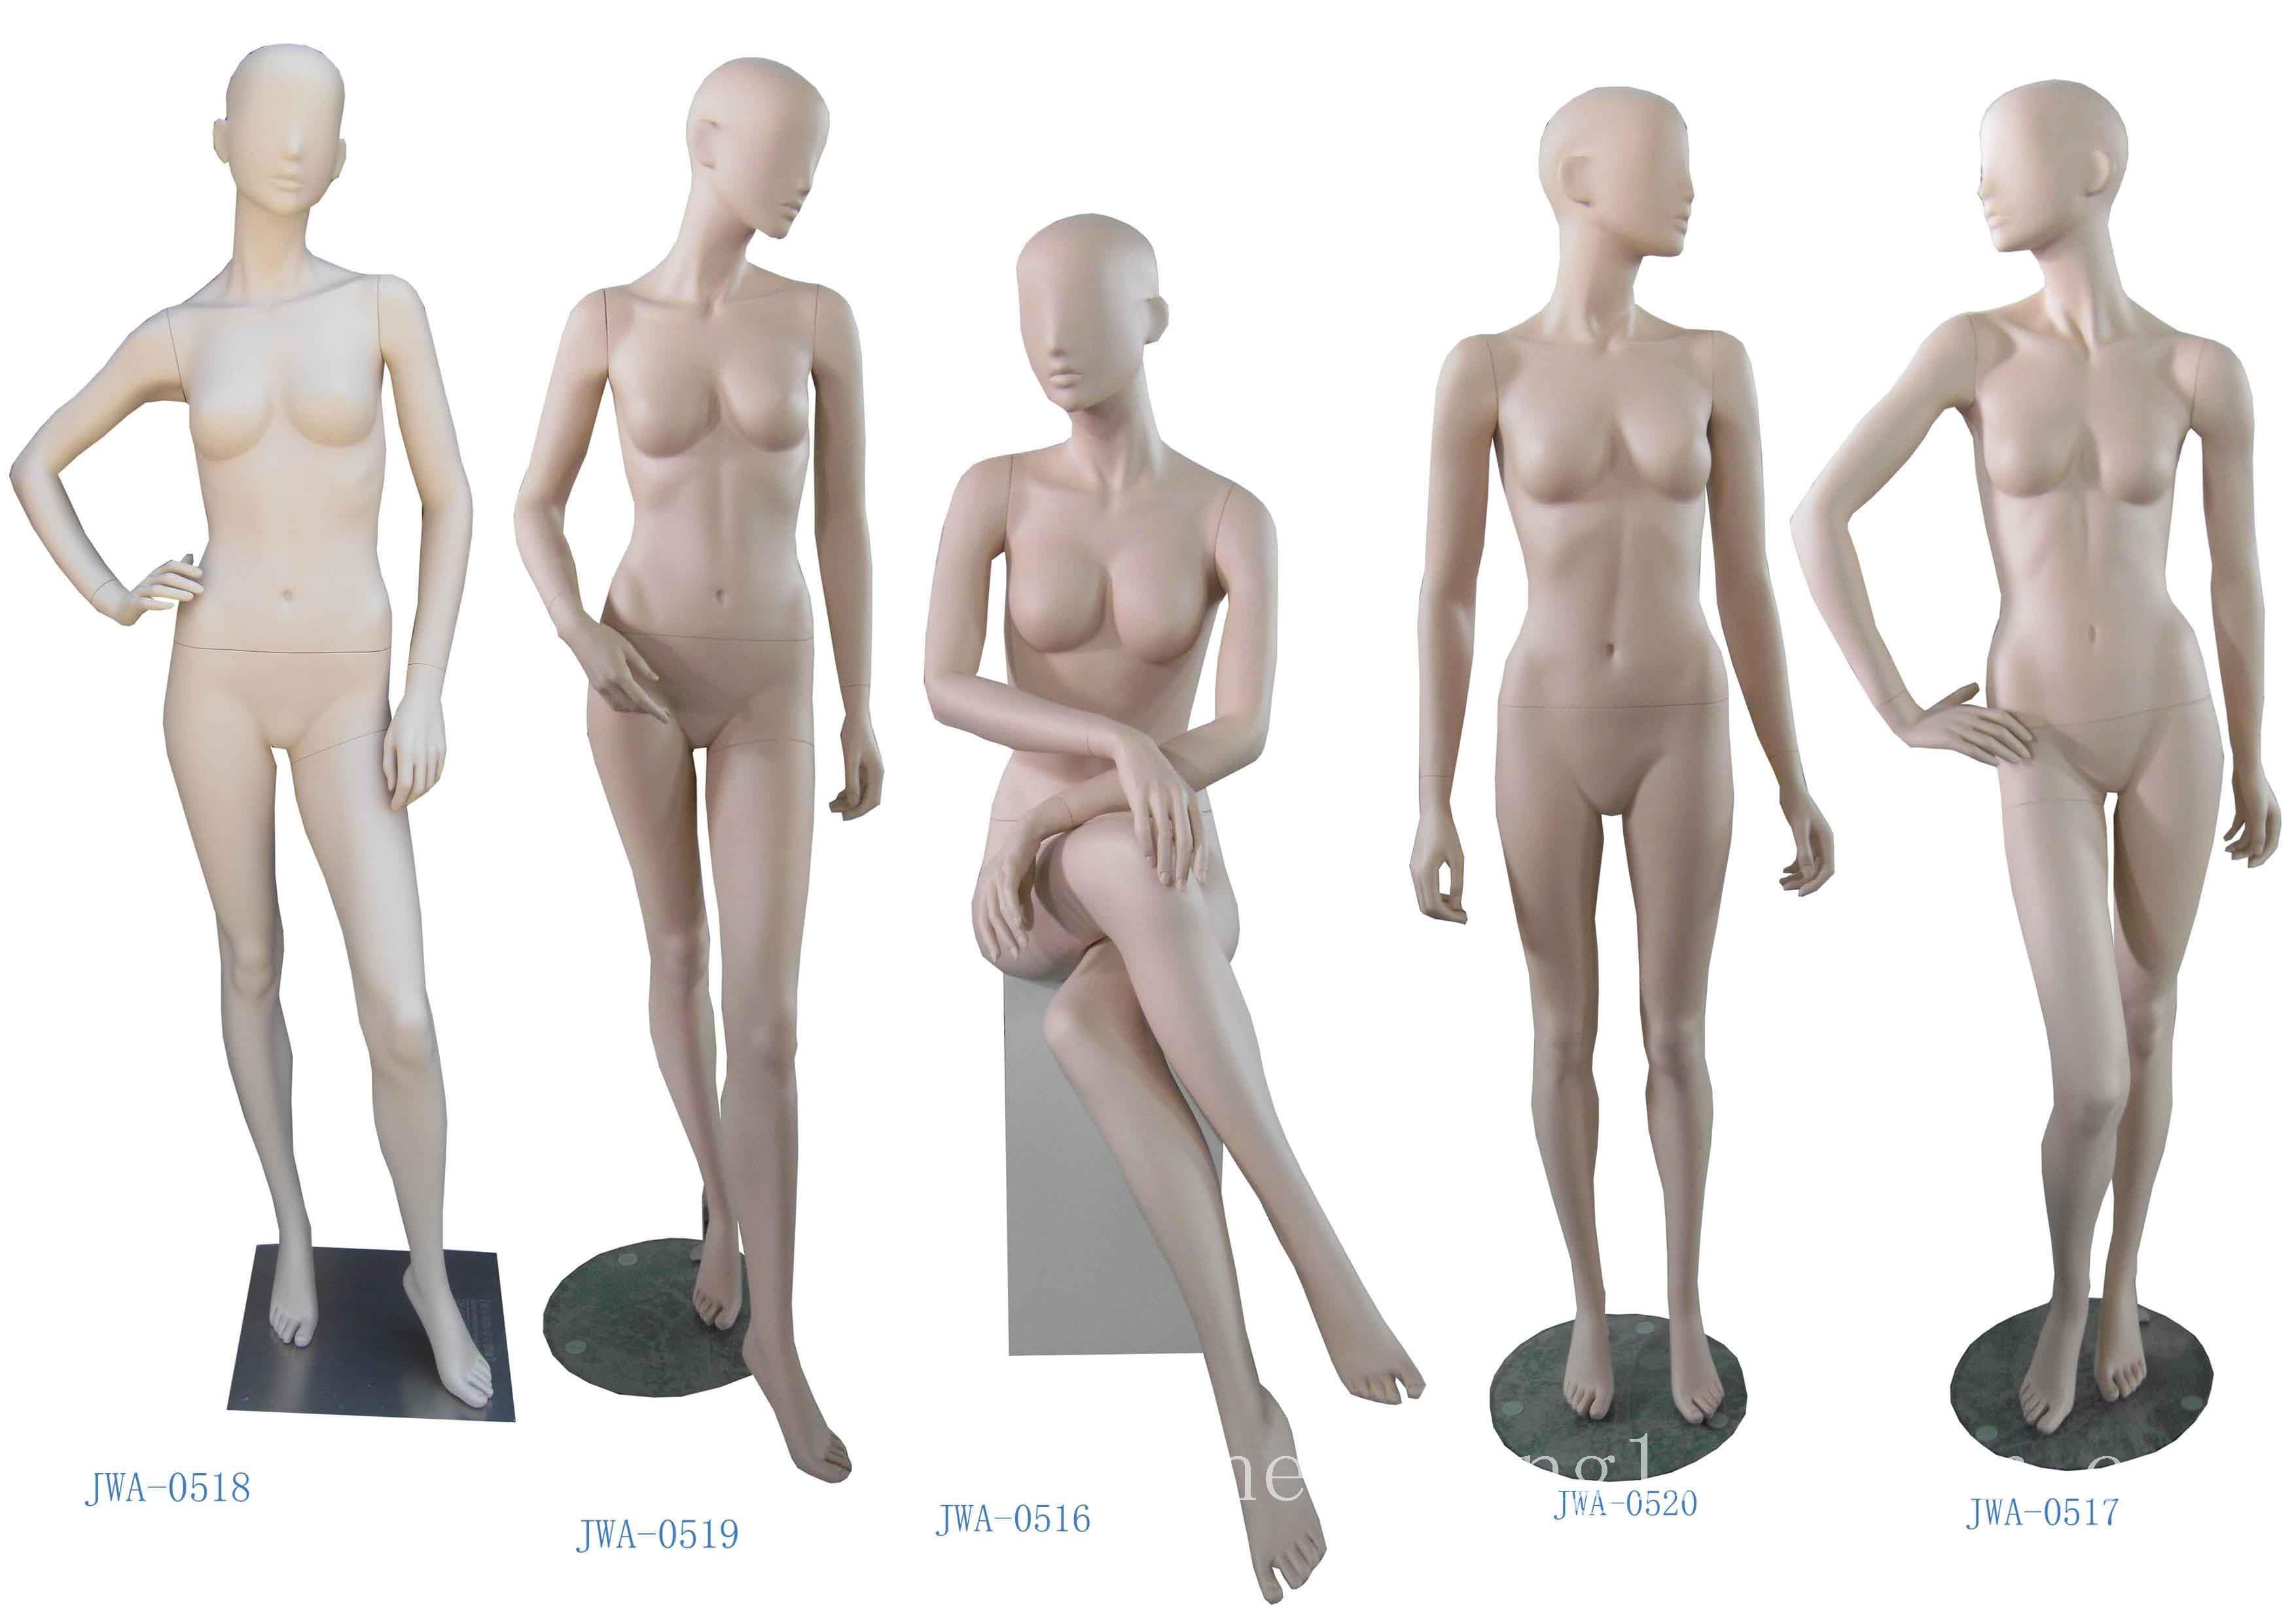 服装模特道具批发_上海服装模特道具_ybd新款组合